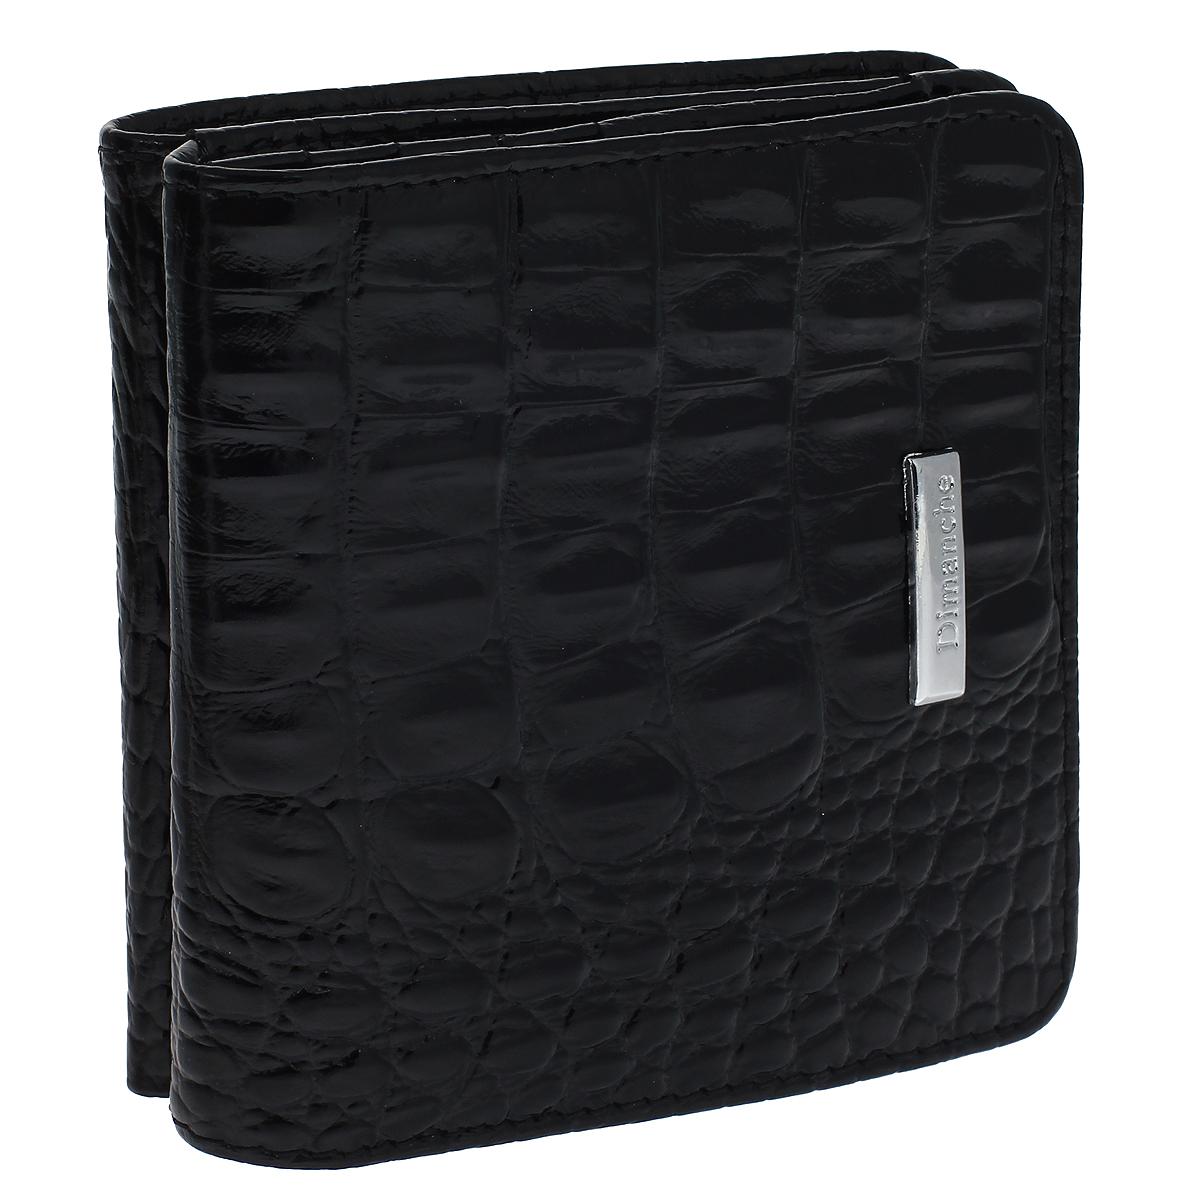 Кошелек мужской Dimanche Loricata, цвет: черный. 418418Кошелек Dimanche Loricata изготовлен из натуральной кожи черного цвета с декоративным тиснением под рептилию. Кошелек имеет два отделения. Первое отделение закрывается на кнопку; внутри содержится 2 отделения для купюр. Второе отделение, предназначенное для хранения мелочи, закрывается клапаном на кнопку и имеет 8 карманов для пластиковых карт. Внутри кошелек отделан атласным полиэстером черного цвета с узором. Фурнитура - серебристого цвета. Стильный кошелек отлично дополнит ваш образ и станет незаменимым аксессуаром на каждый день. Упакован в фирменную картонную коробку коричневого цвета.